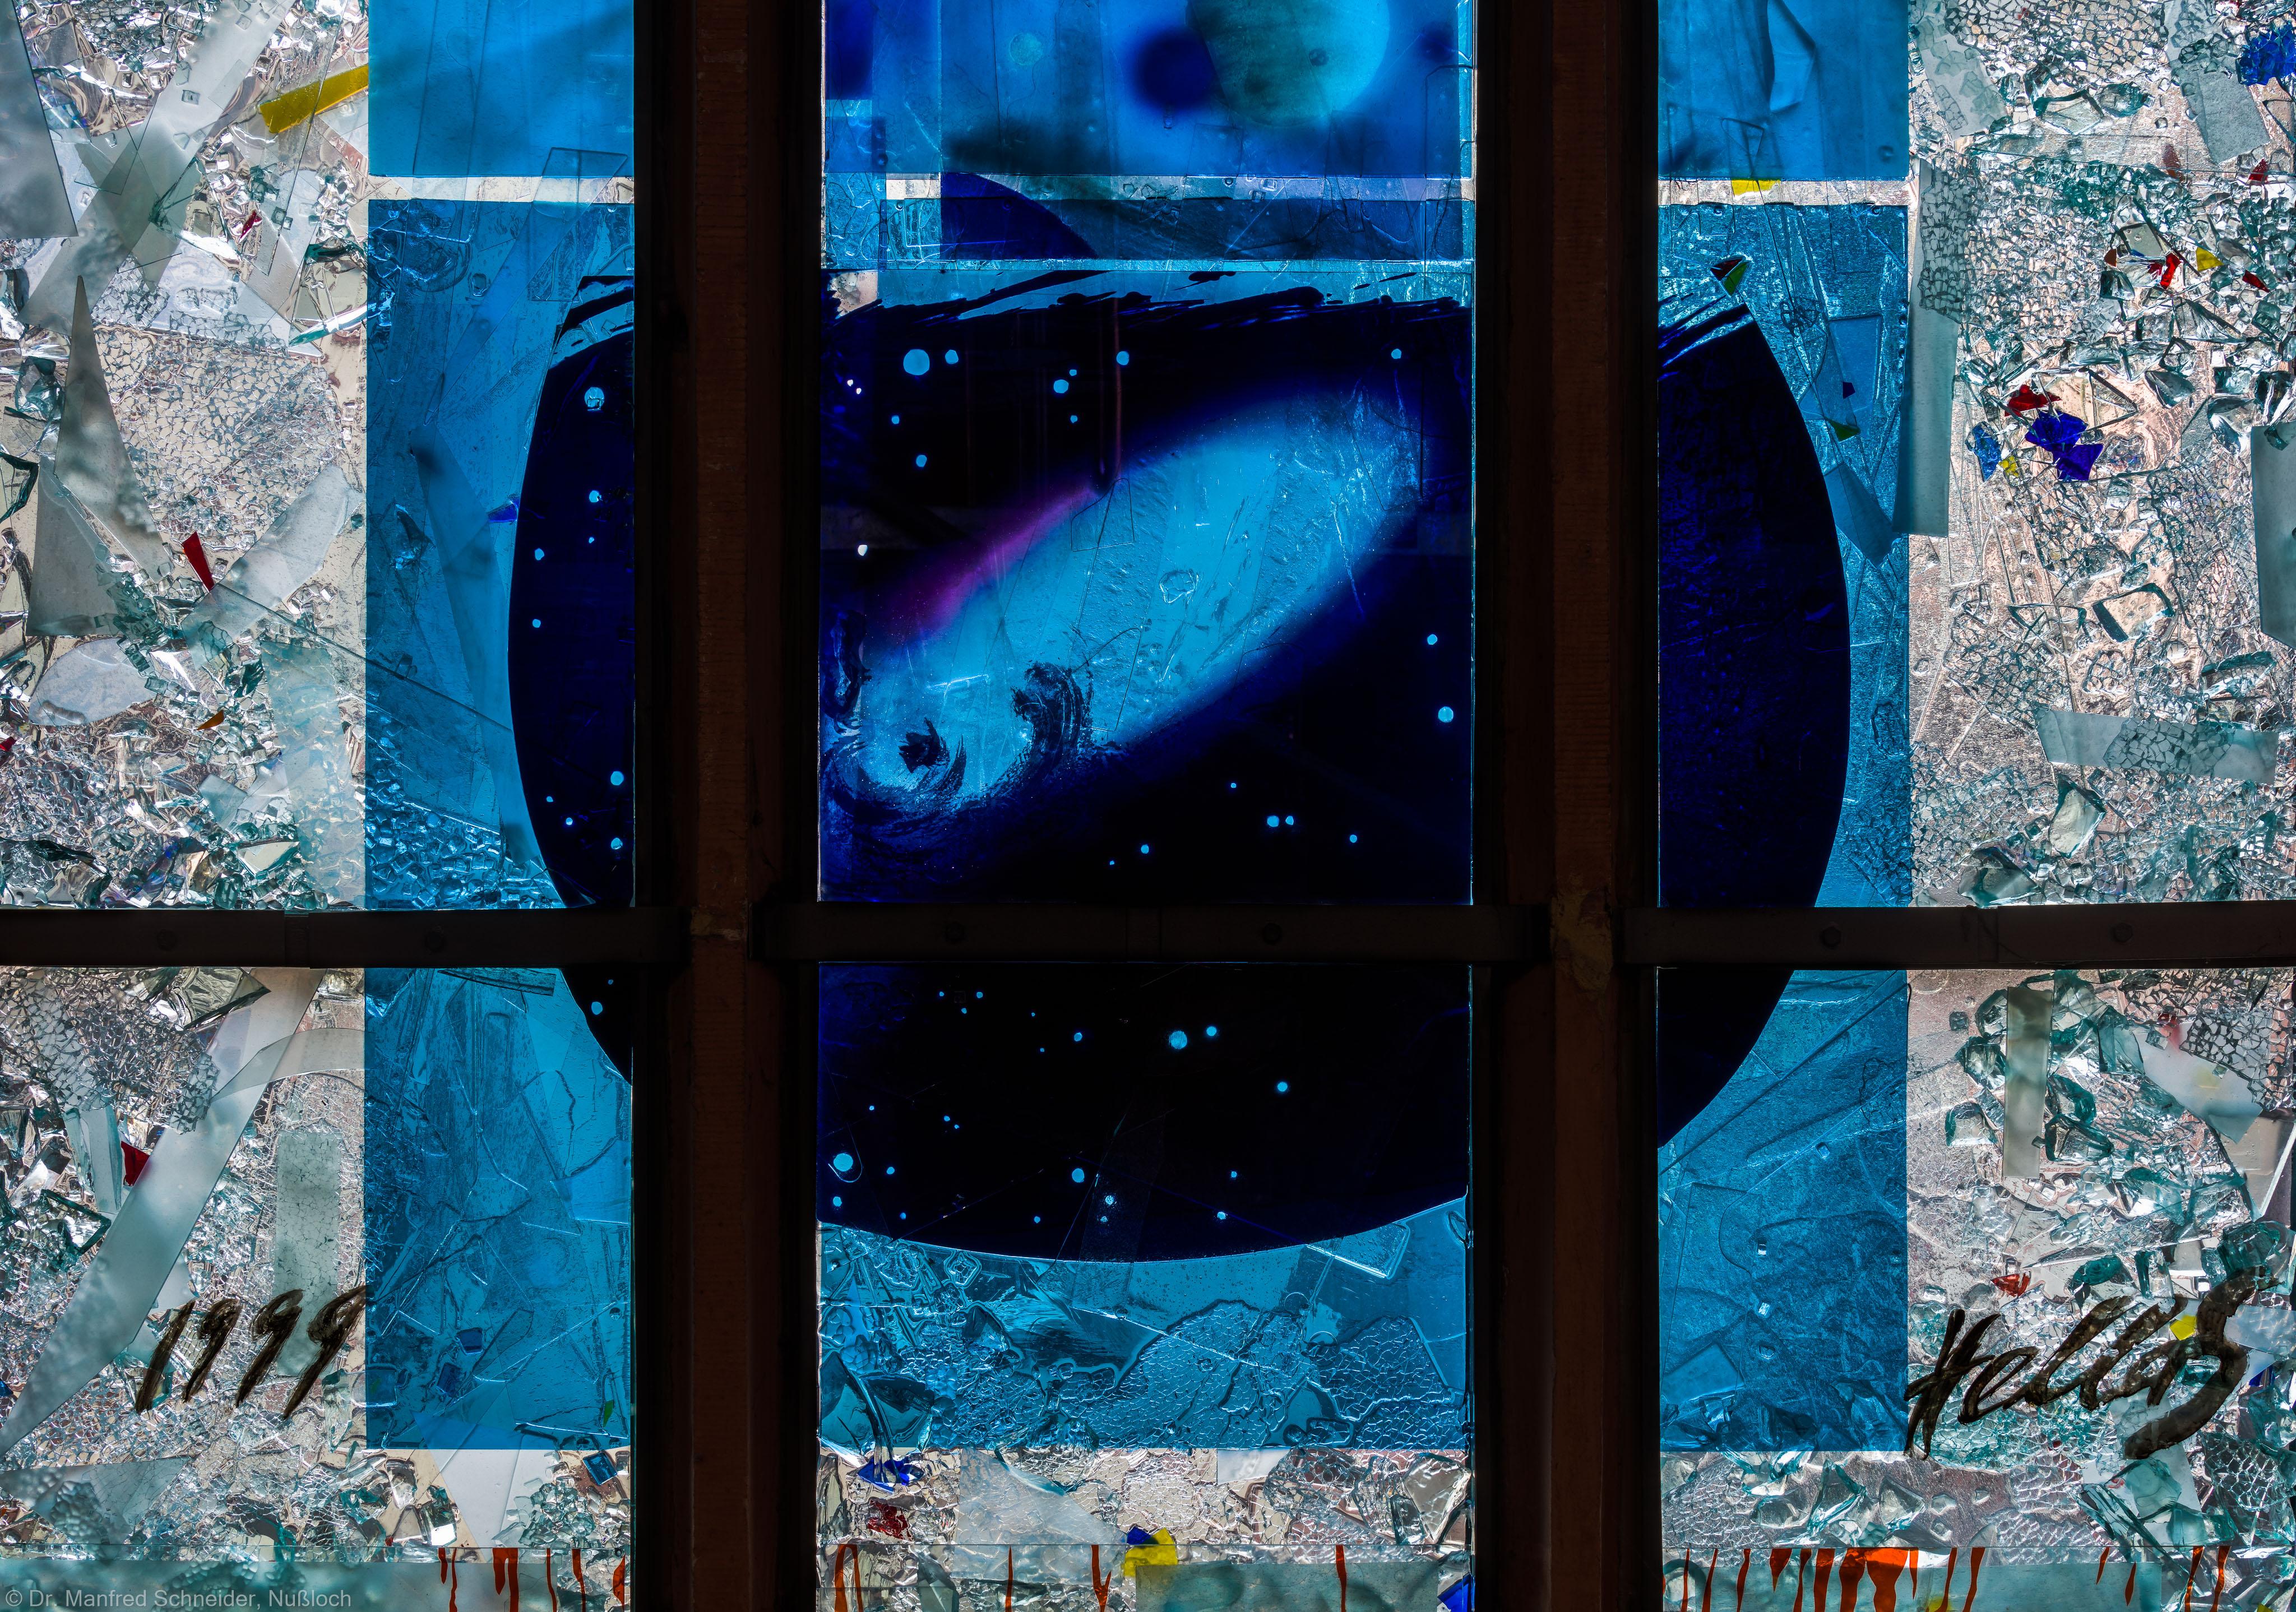 """Heidelberg - Heiliggeistkirche - Nordschiff - 4. Joch, von Westen aus gezählt - Ausschnitt aus den untersten zwei Zeilen des Fensters """"Schöpfungsgeschichte - Der Weltkreis ist voll vom Geiste Gottes"""" von Hella De Santarossa (aufgenommen im Oktober 2015, am Nachmittag)"""